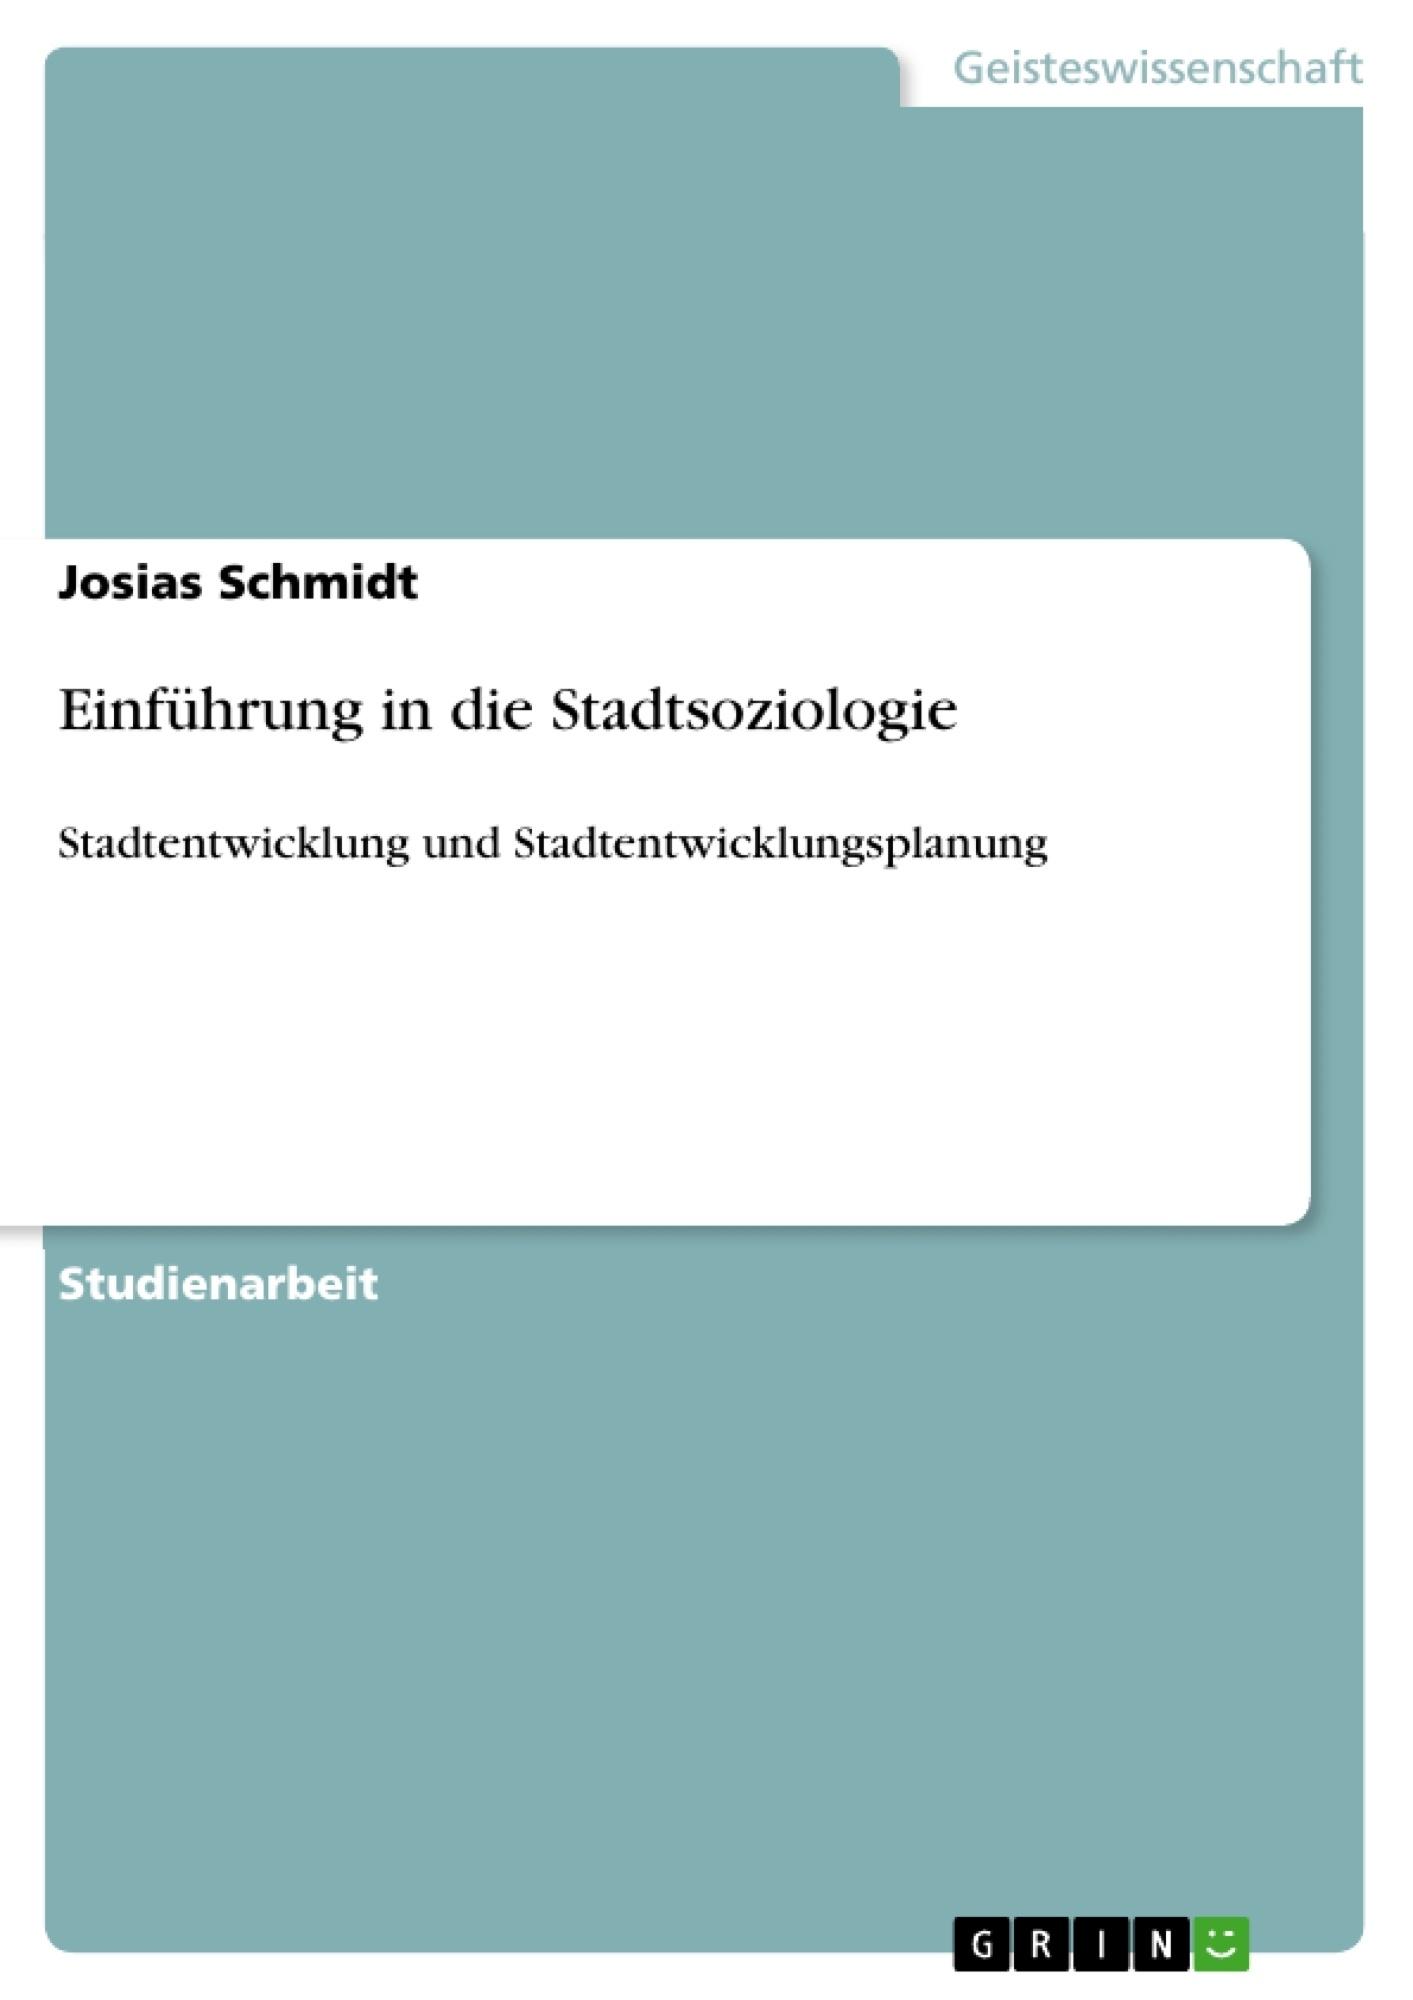 Titel: Einführung in die Stadtsoziologie